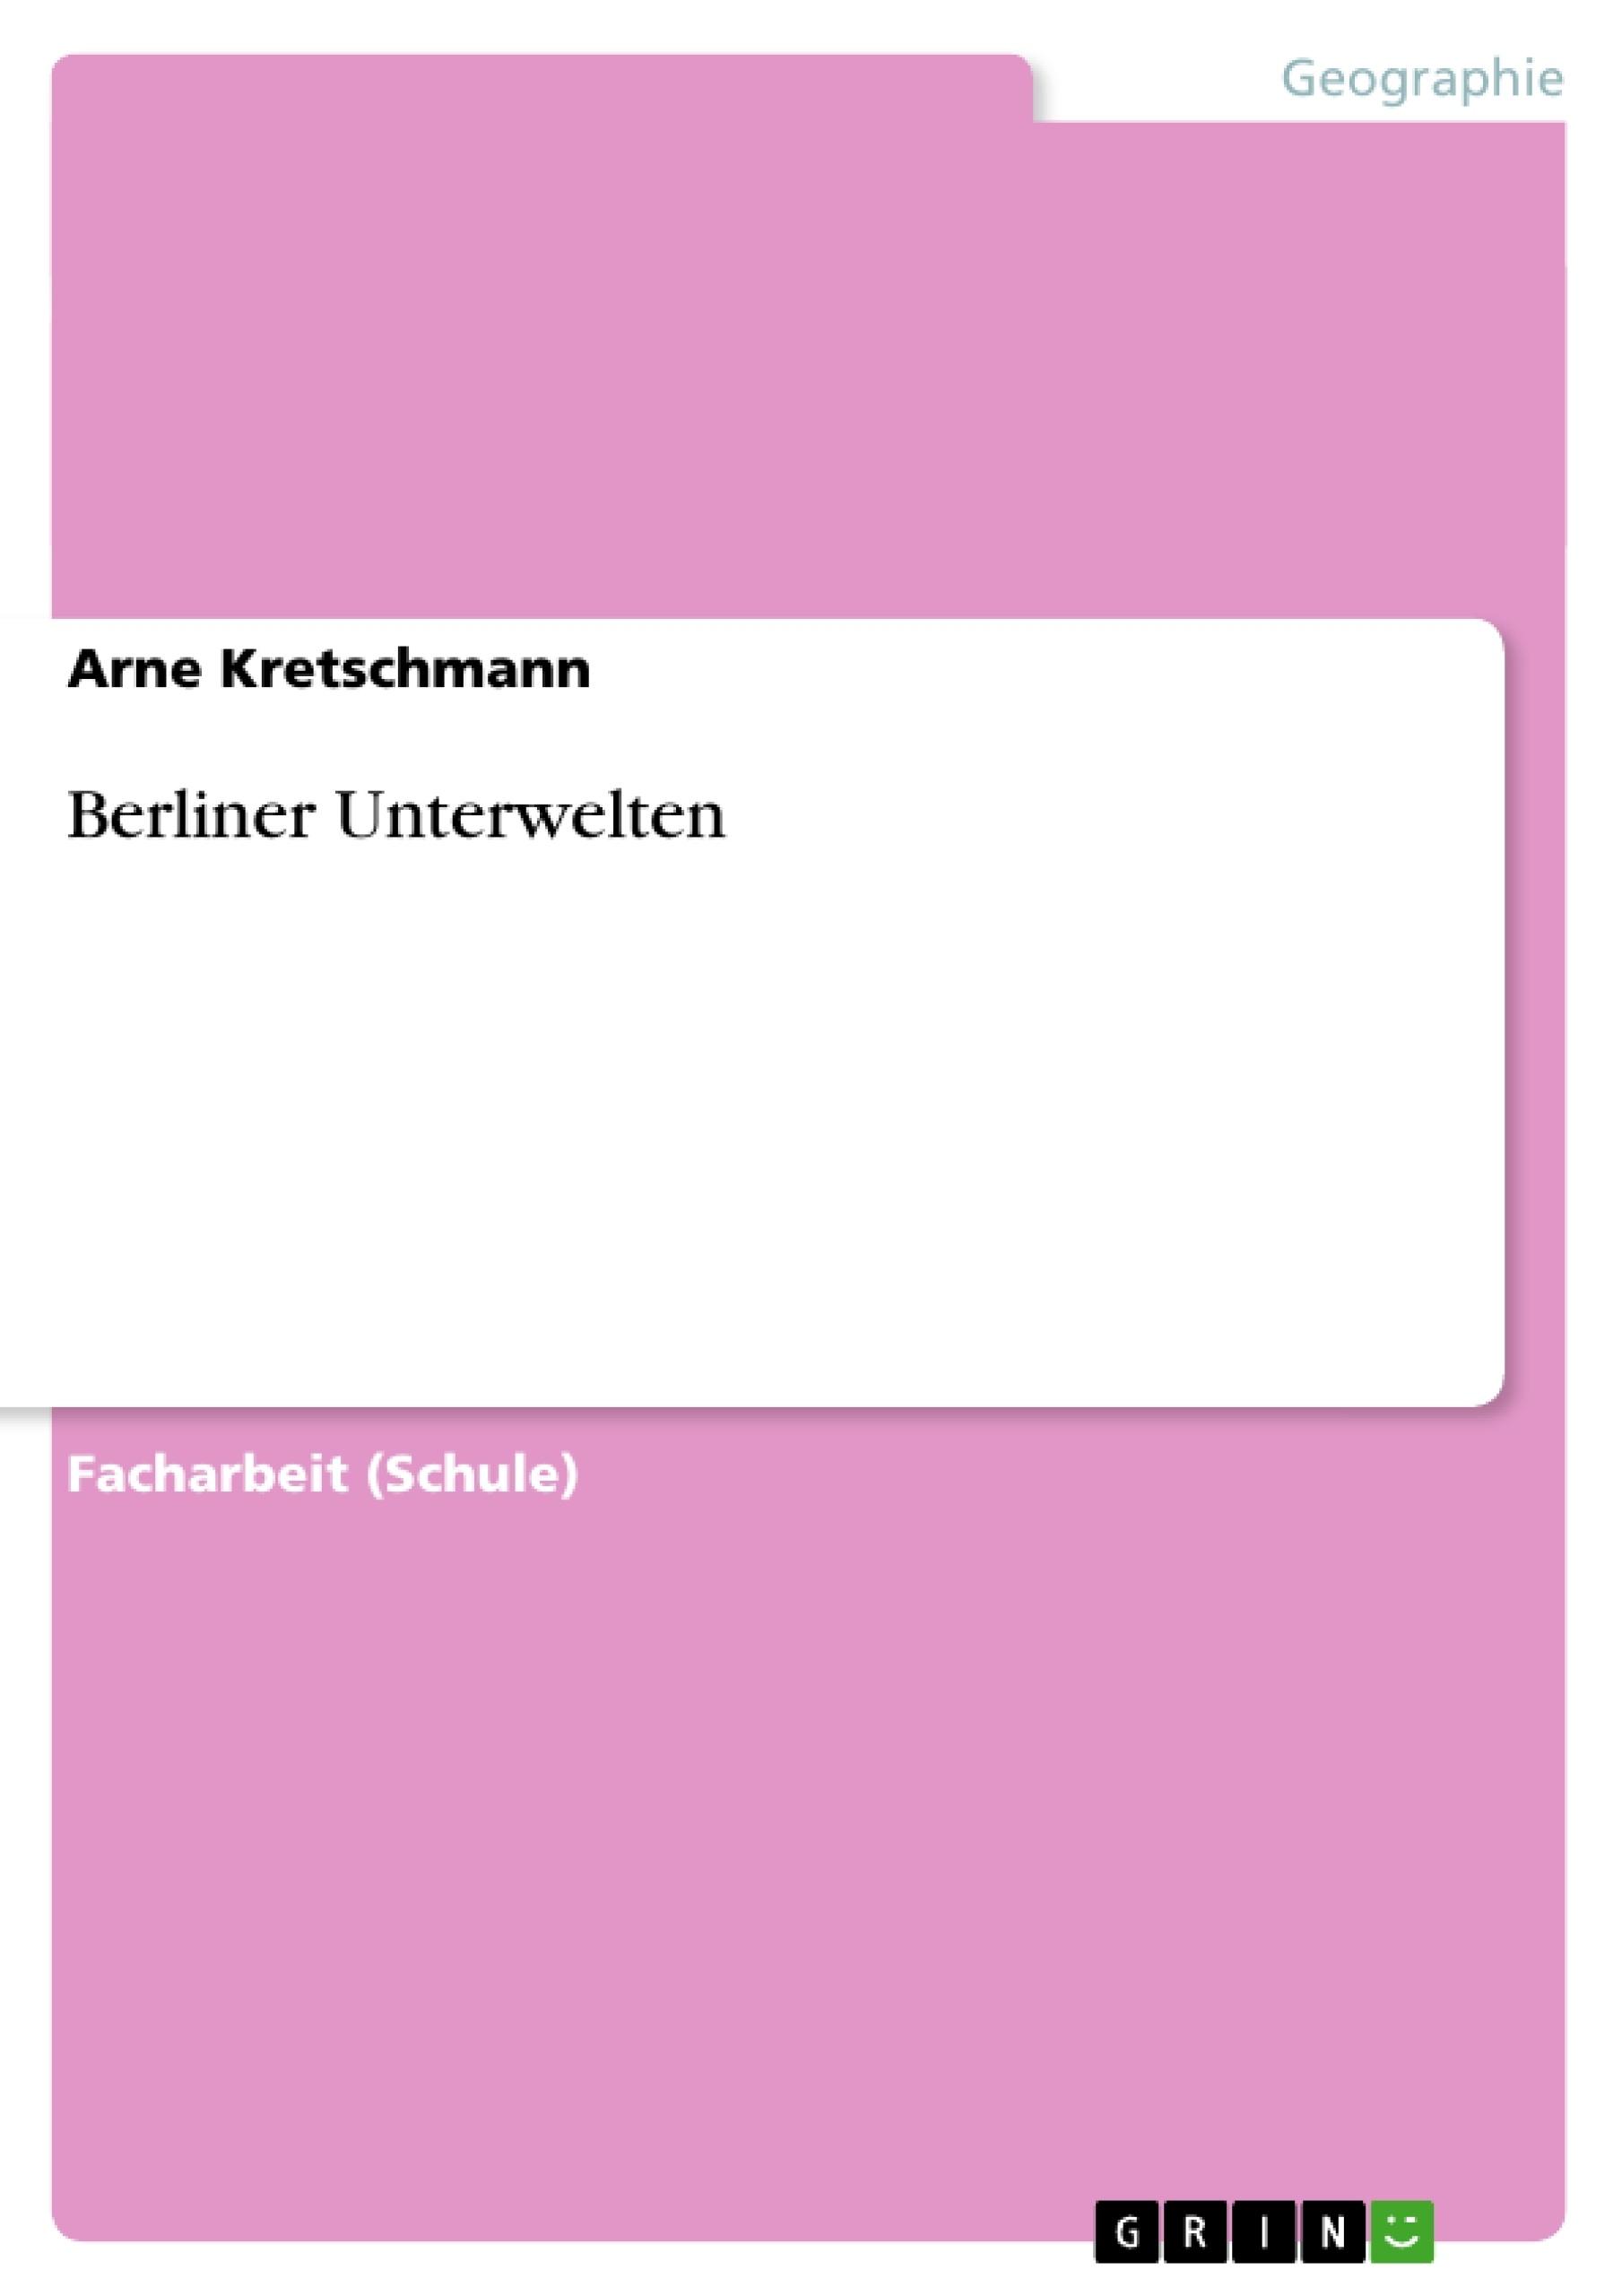 Titel: Berliner Unterwelten